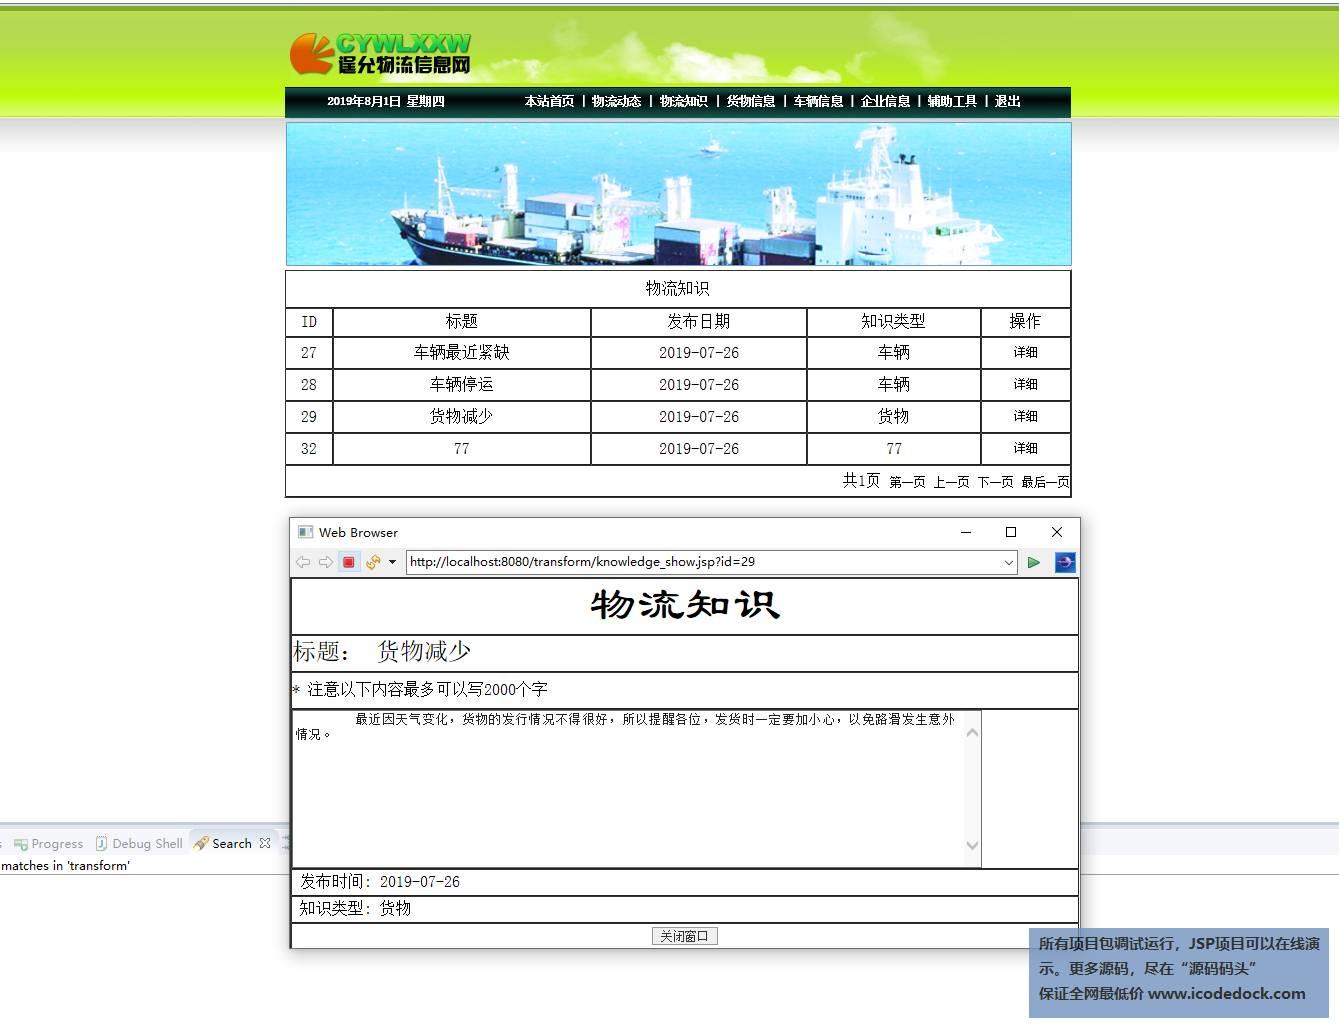 源码码头-JSP物流公司企业管理系统-用户角色-物流知识查看